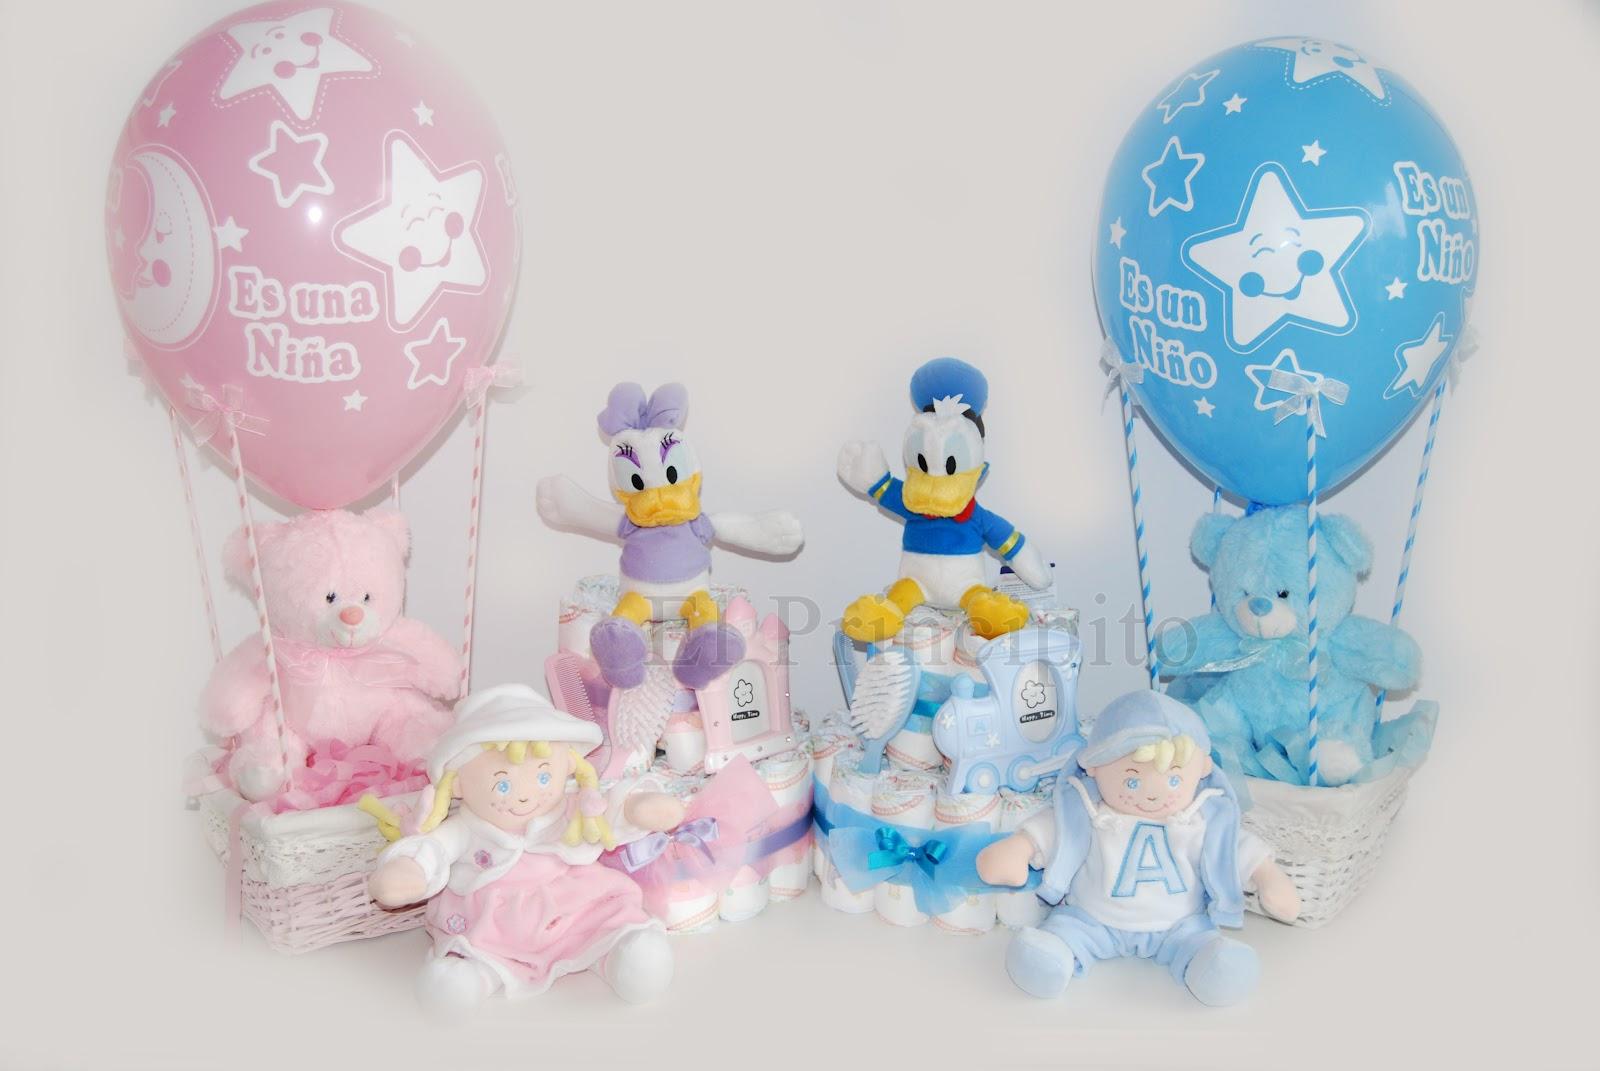 El principito globos y regalos regalos para bebes o - Adornos para bebe recien nacido ...